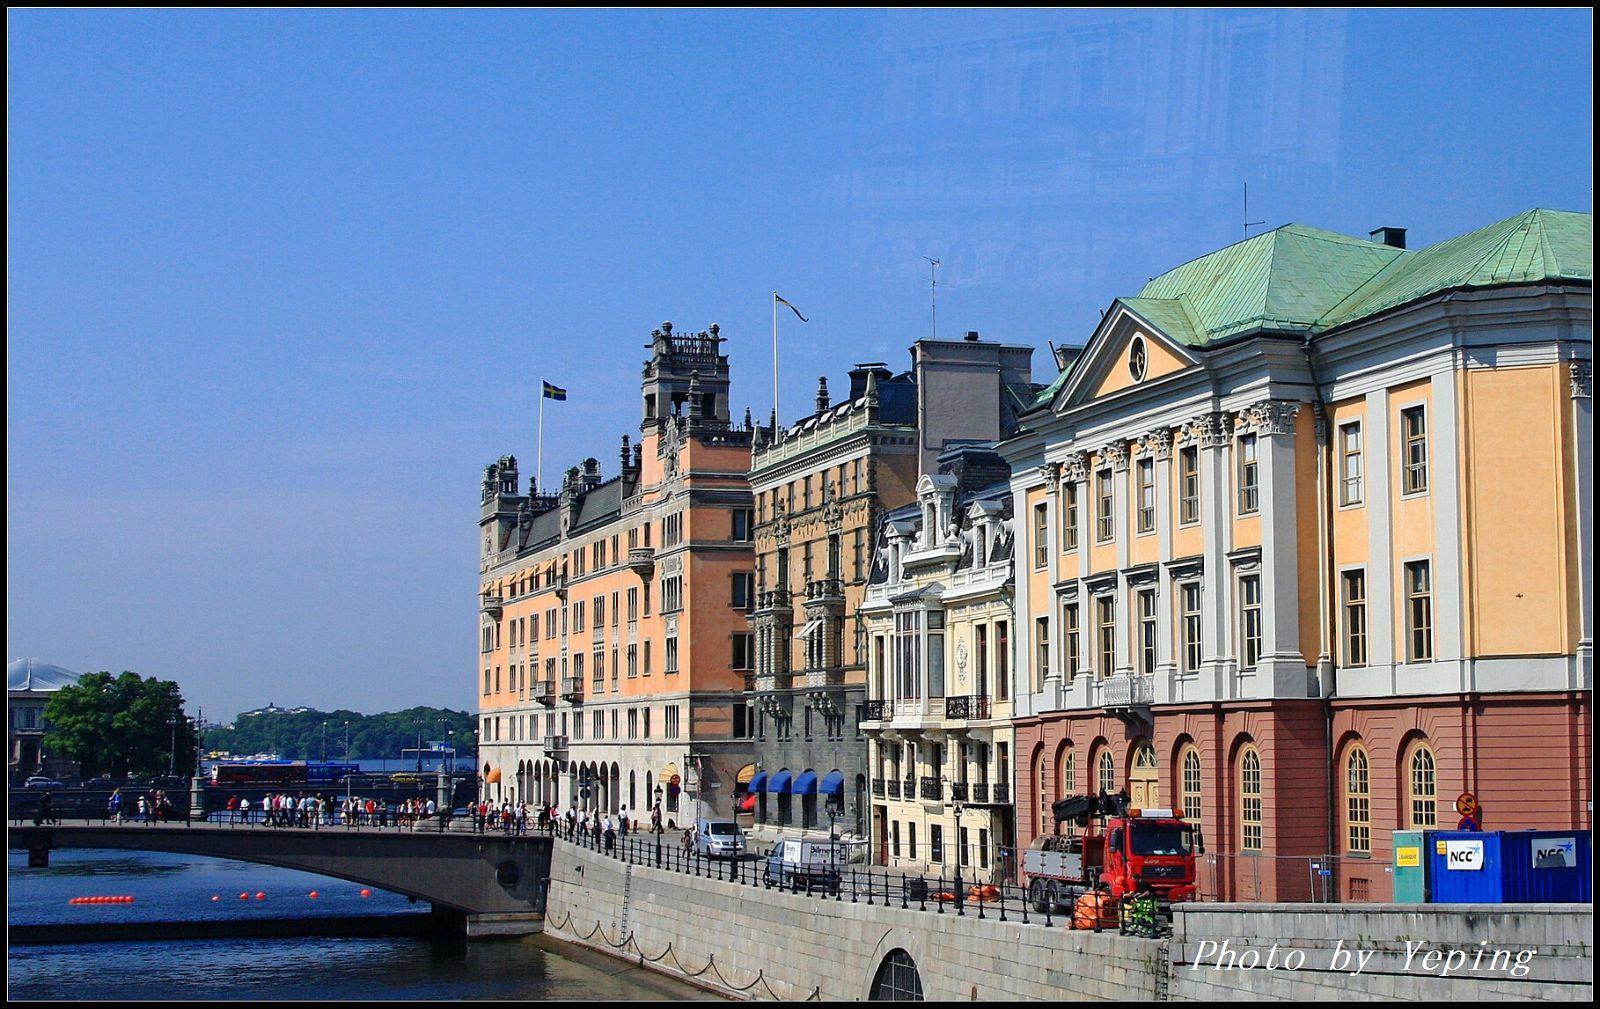 瑞典:斯德哥尔摩摄影游